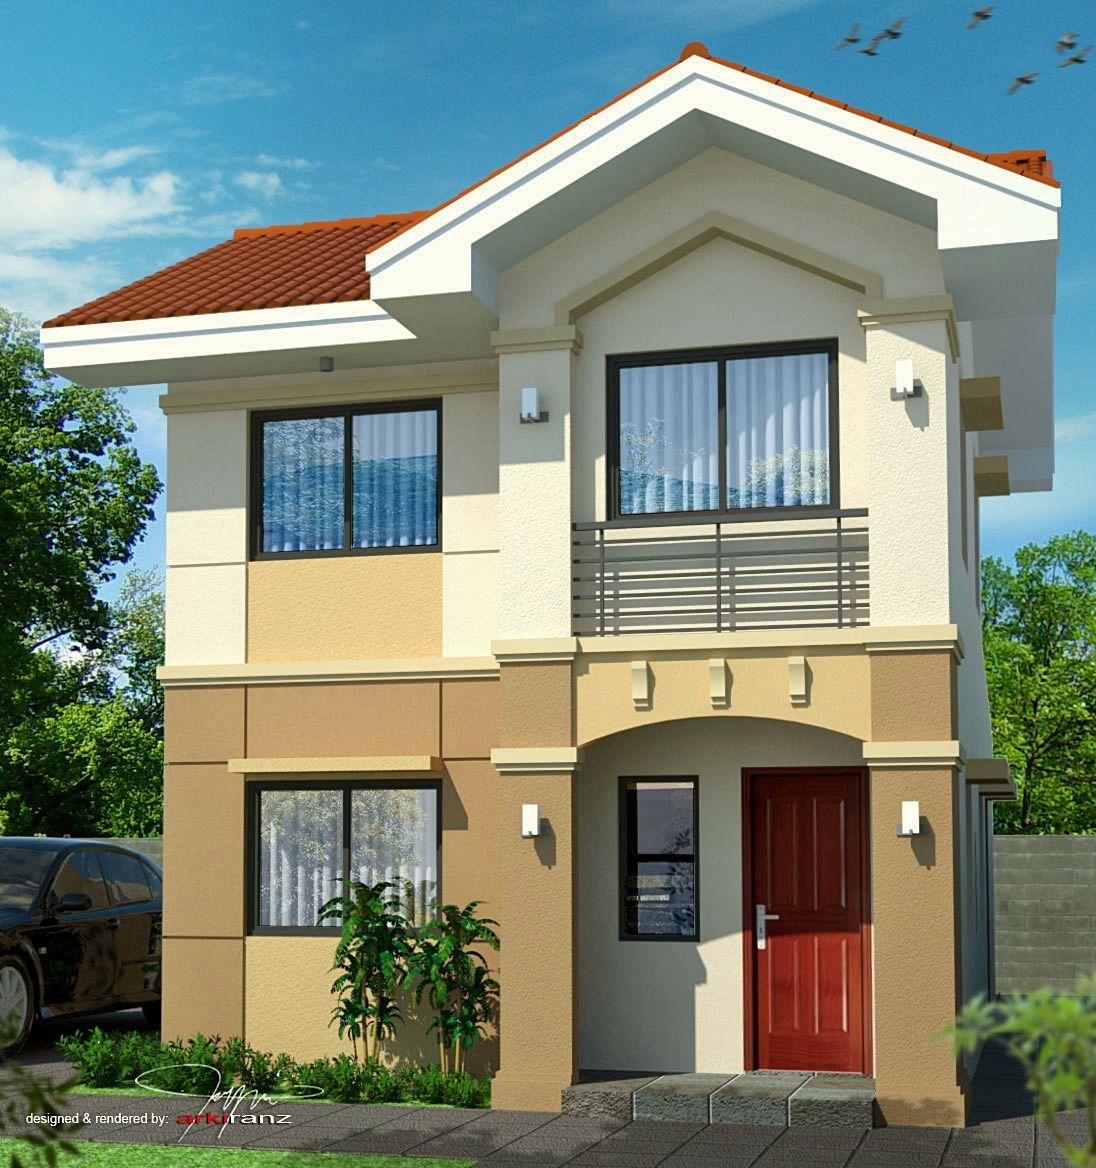 Casas pequenas com fachadas bonitas buscar con google for Casas prefabricadas pequenas